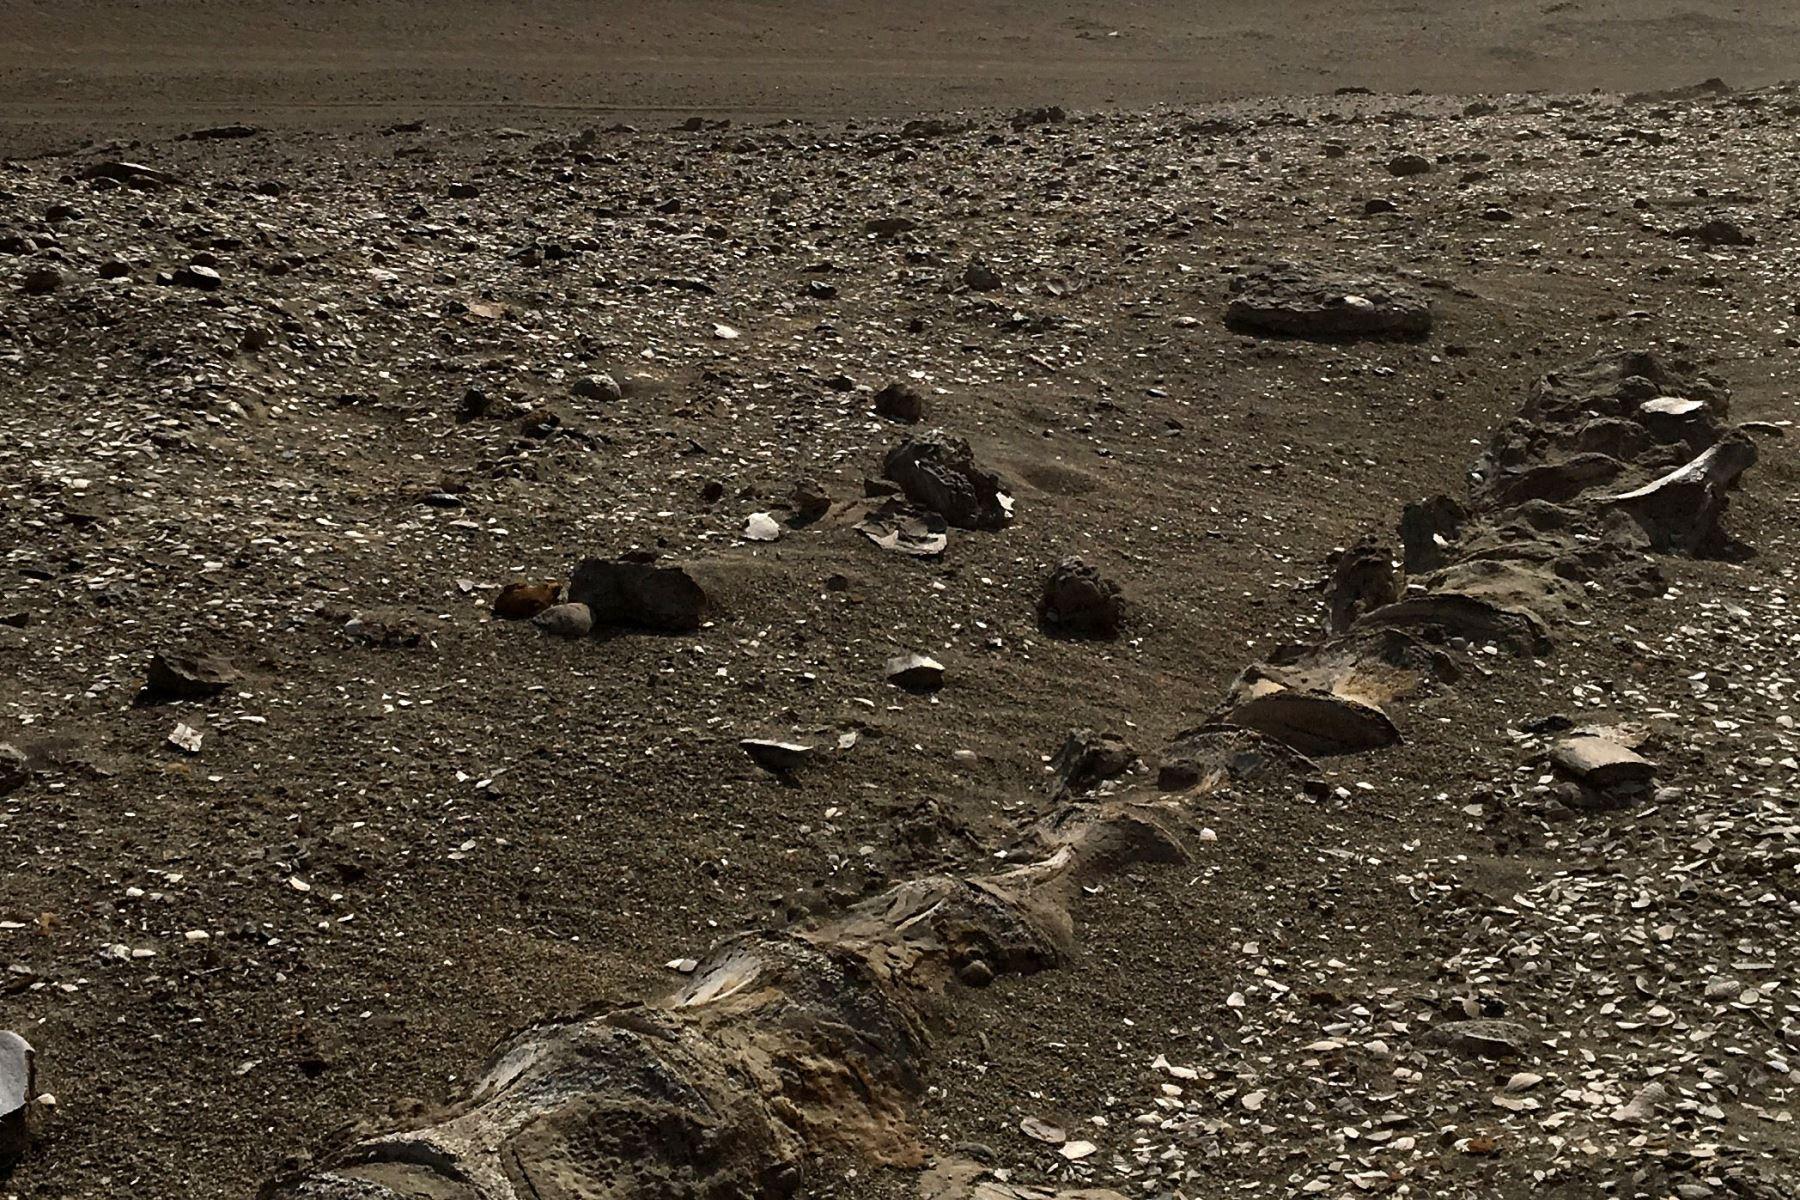 Investigadores de la Universidad Cayetano Heredia desarrollan un proyecto que busca poner en valor científico y turístico el yacimiento paleontológico de Sacaco y su museo de sitio, ubicado en el distrito de Bella Unión, en la provincia arequipeña de Caravelí. El lugar posee un gran número de esqueletos de ballenas y otros fósiles.  Foto: Rodolfo Salas Gismondi